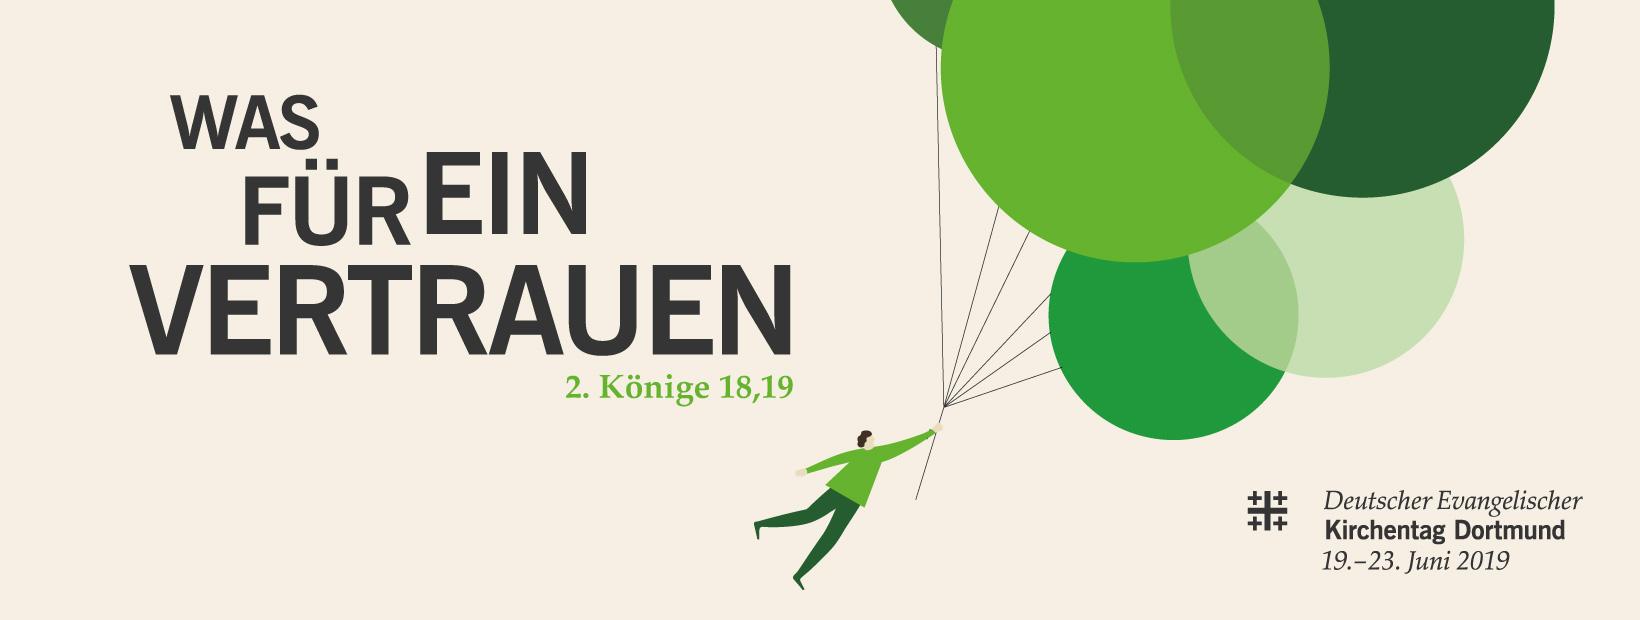 Was für ein Vertrauen (2. Könige 18,19). 37 Deutscher Evangelischer Kirchentag in Dortmund, 19.-23. Juni 2019